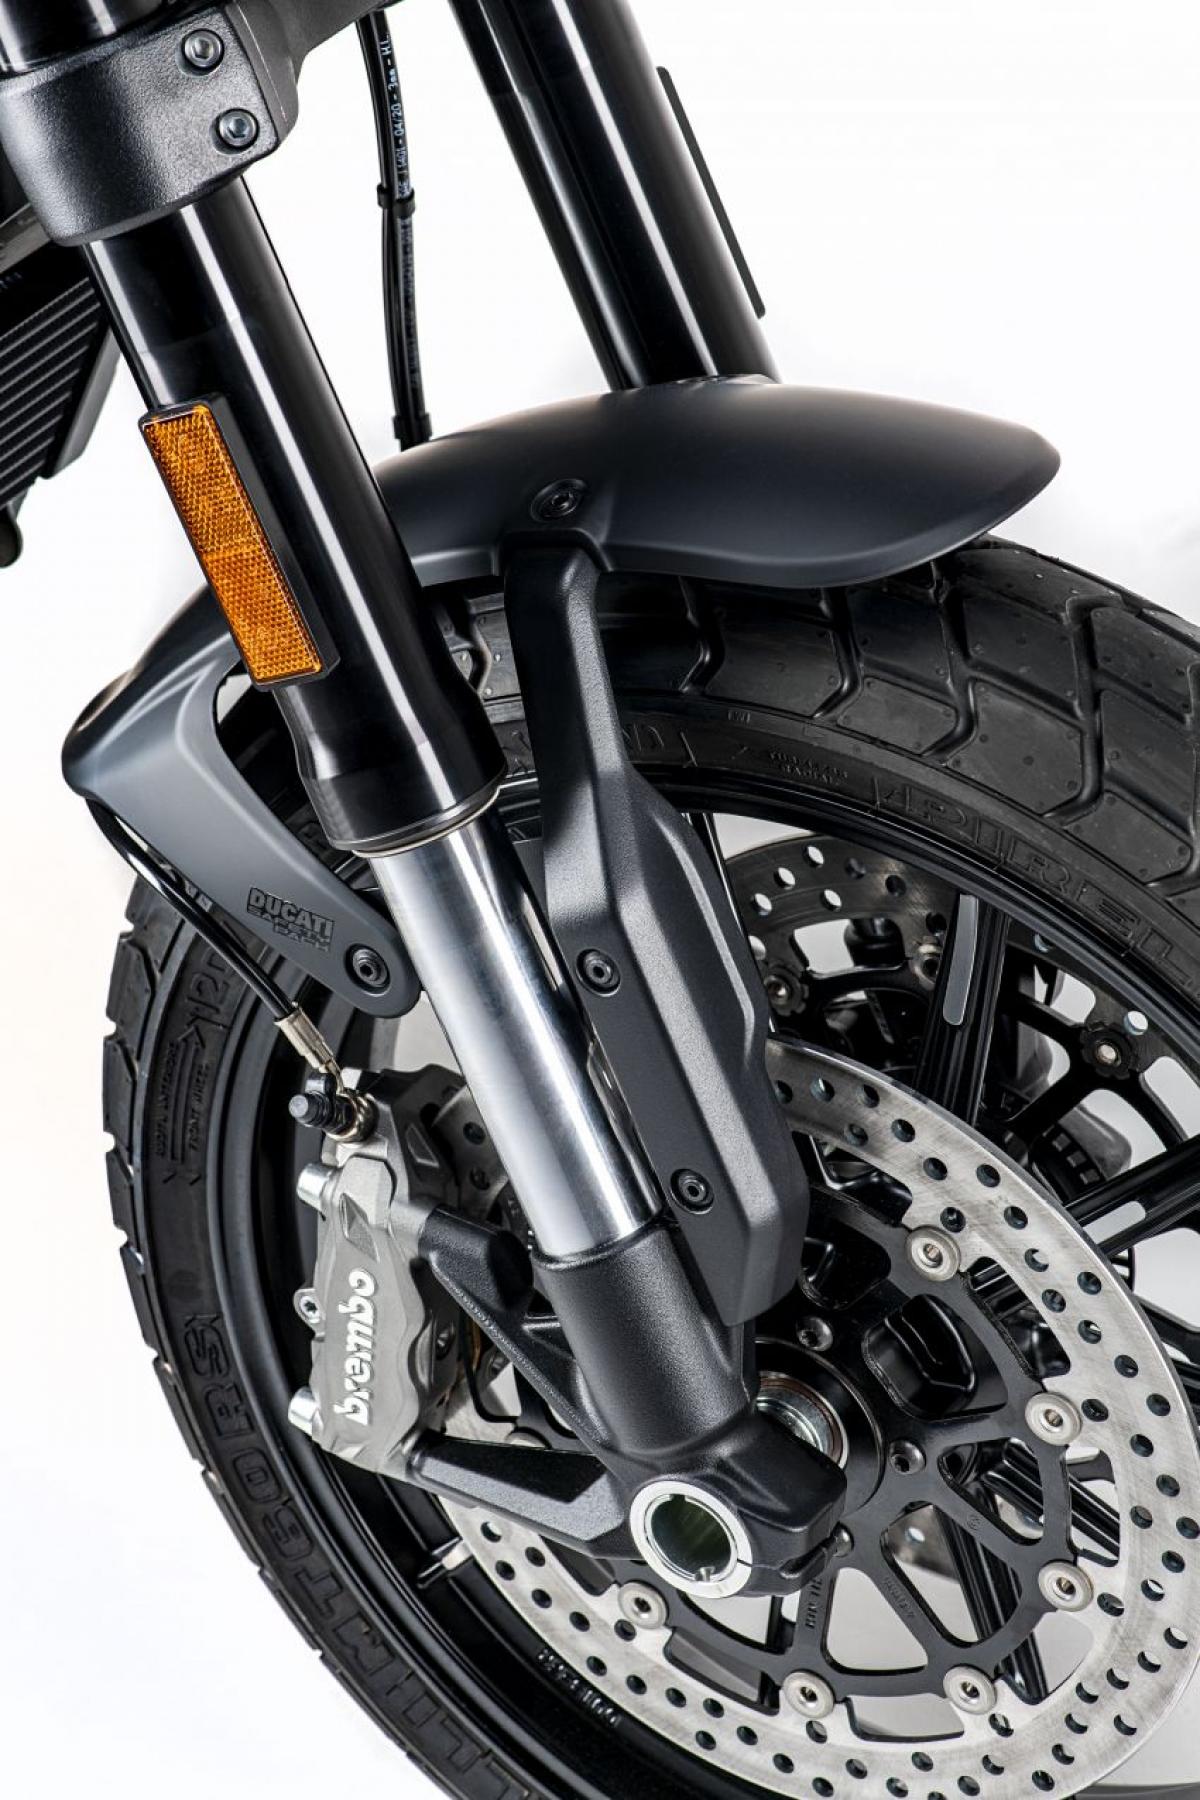 Theo Ducati hệ thống phanh bao gồm kẹp 4 pít tông M4.32 Monobloc gắn xuyên tâm Brembo với đĩa phanh đường kính 320 mm ở phía trước và kẹp pit tông đơn và đĩa đơn ở phía sau.